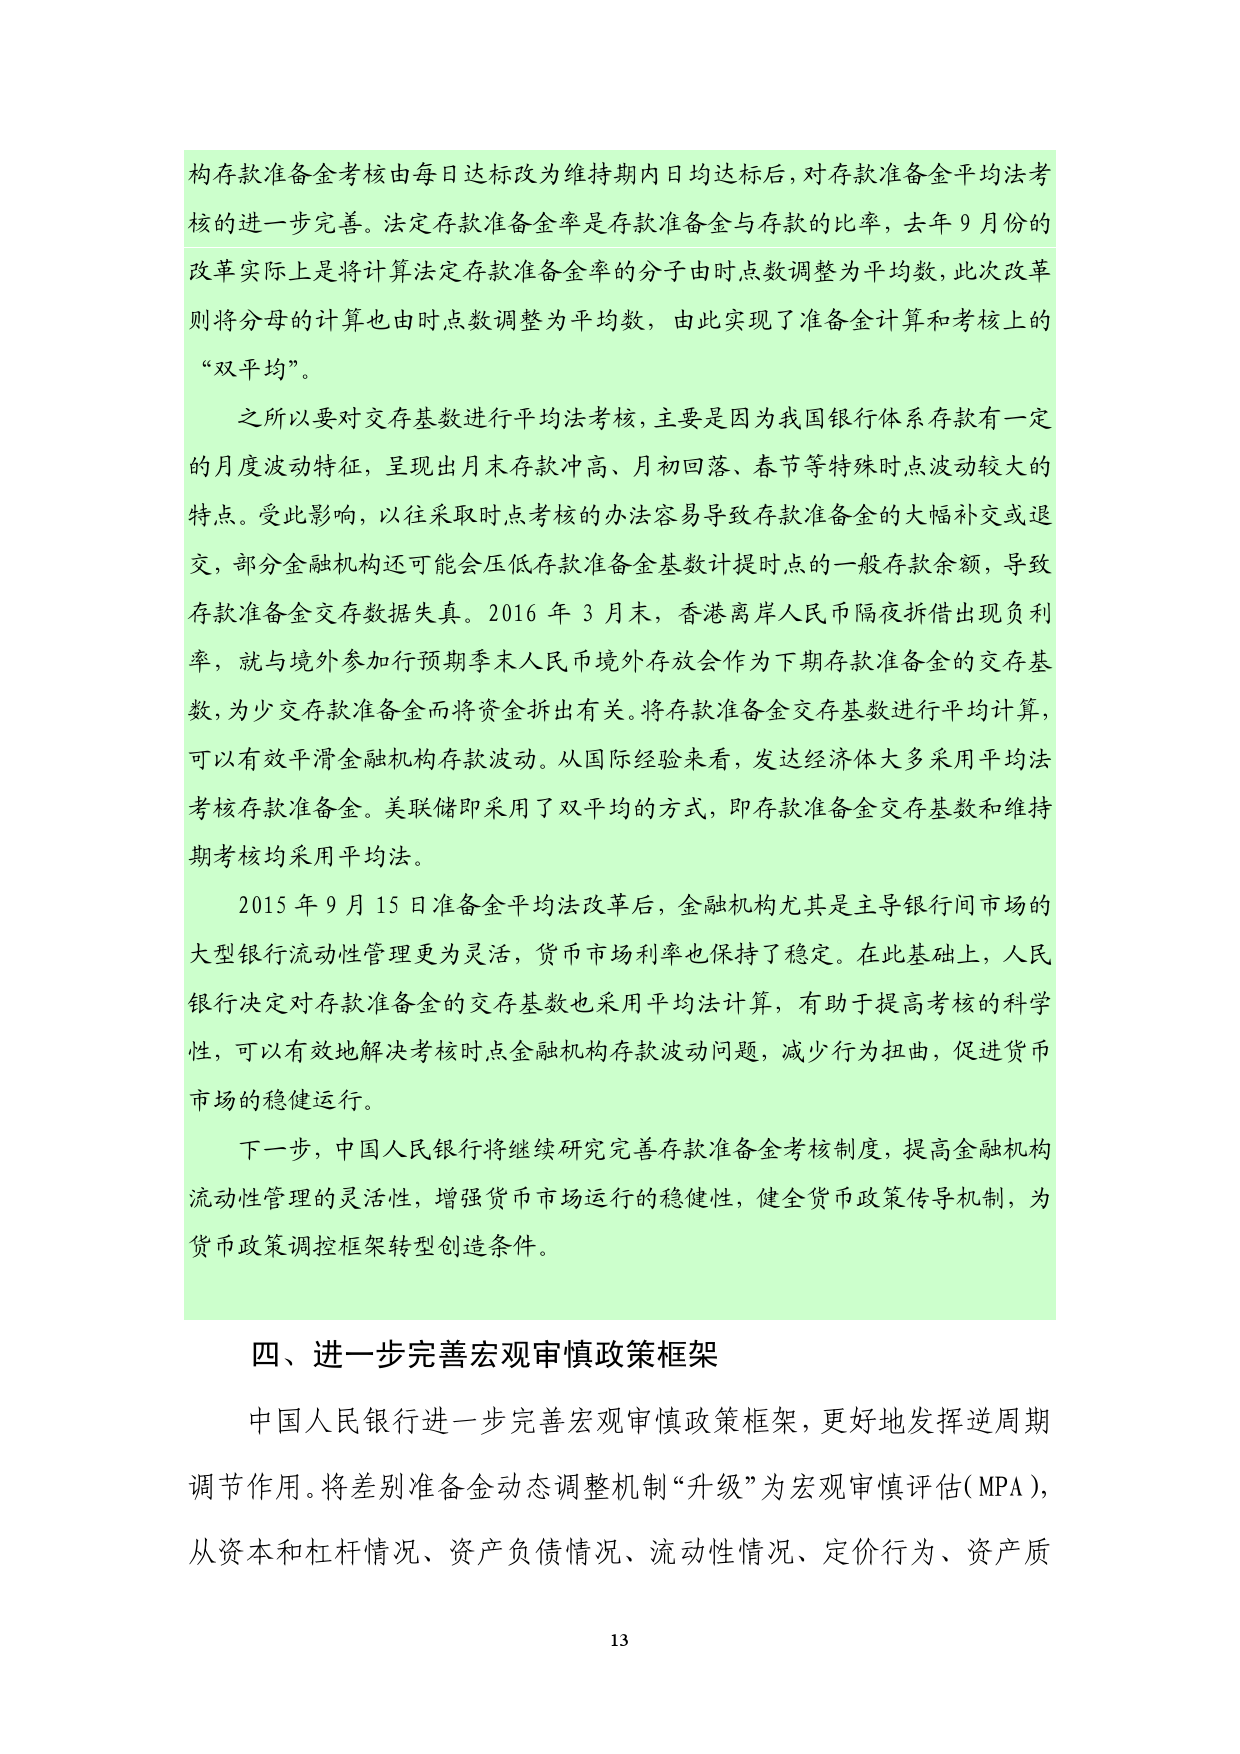 2016年Q2中国货币政策执行报告_000019